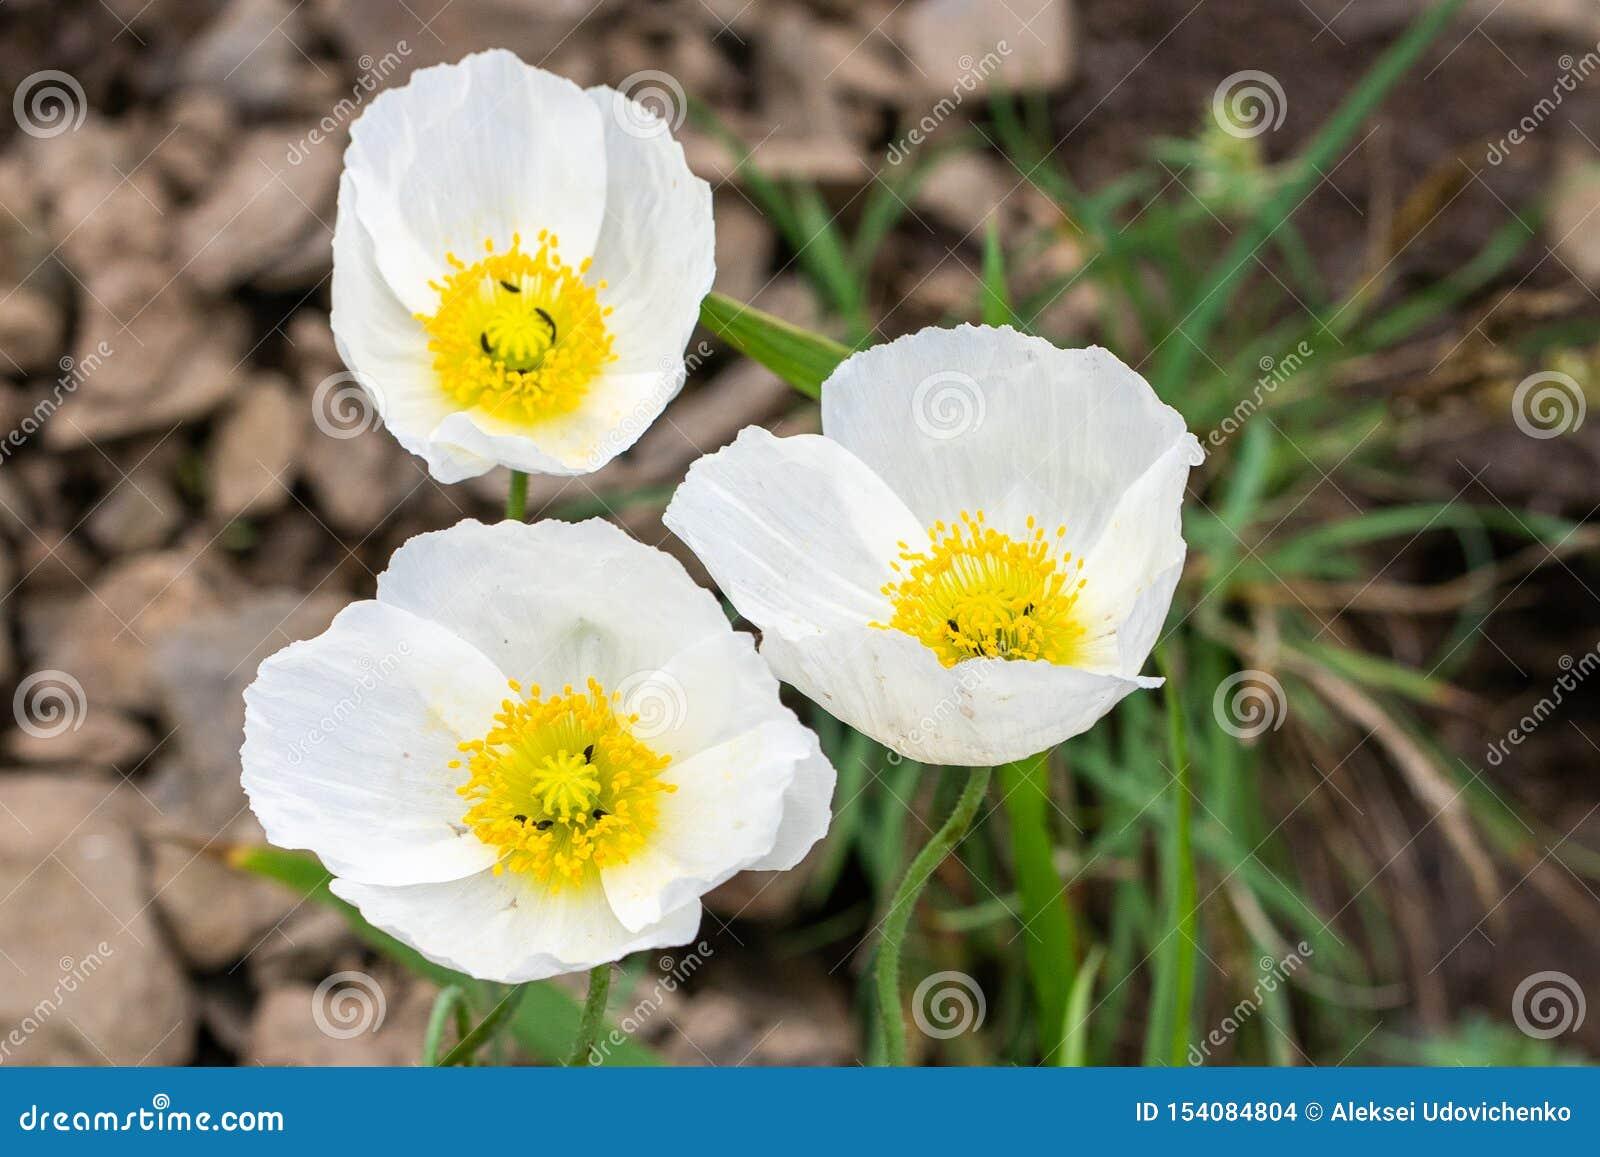 Natürliches backgound Foto von Blumen der weißen Mohnblume im Abschluss oben